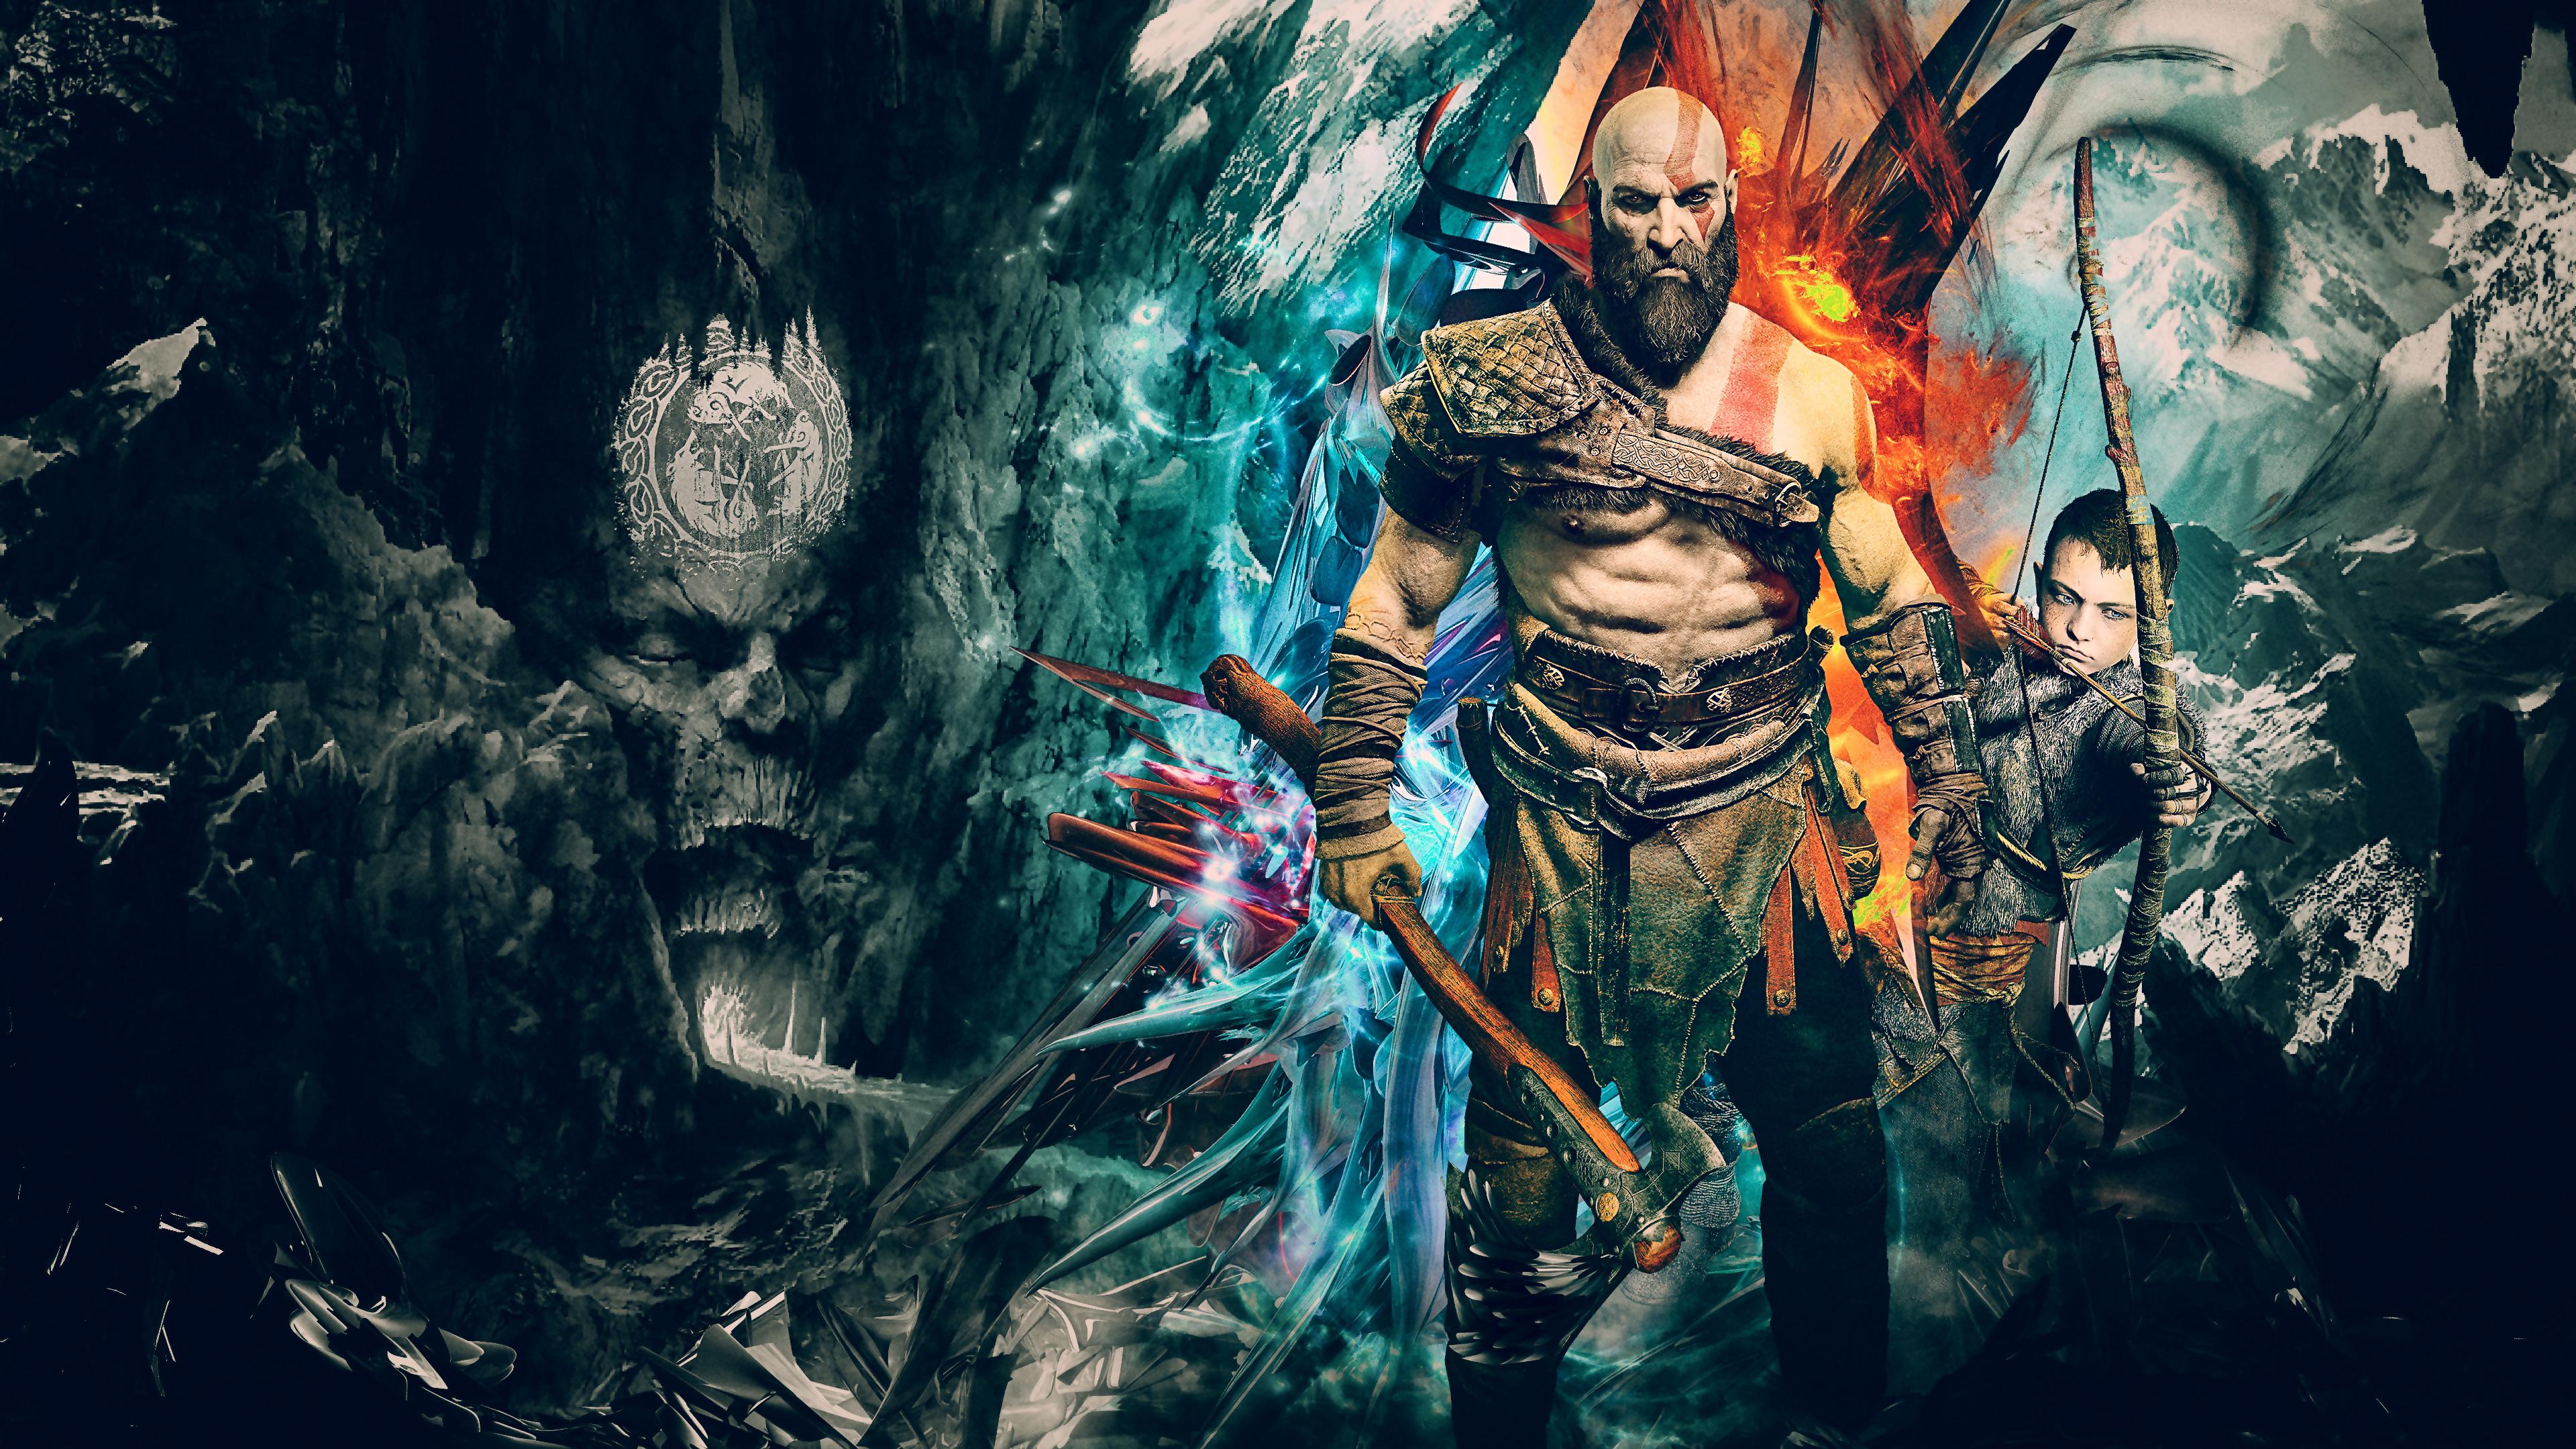 kratos god of war 4k artwork 1537691520 - Kratos God Of War 4k Artwork - ps games wallpapers, kratos wallpapers, hd-wallpapers, god of war wallpapers, god of war 4 wallpapers, games wallpapers, artwork wallpapers, 4k-wallpapers